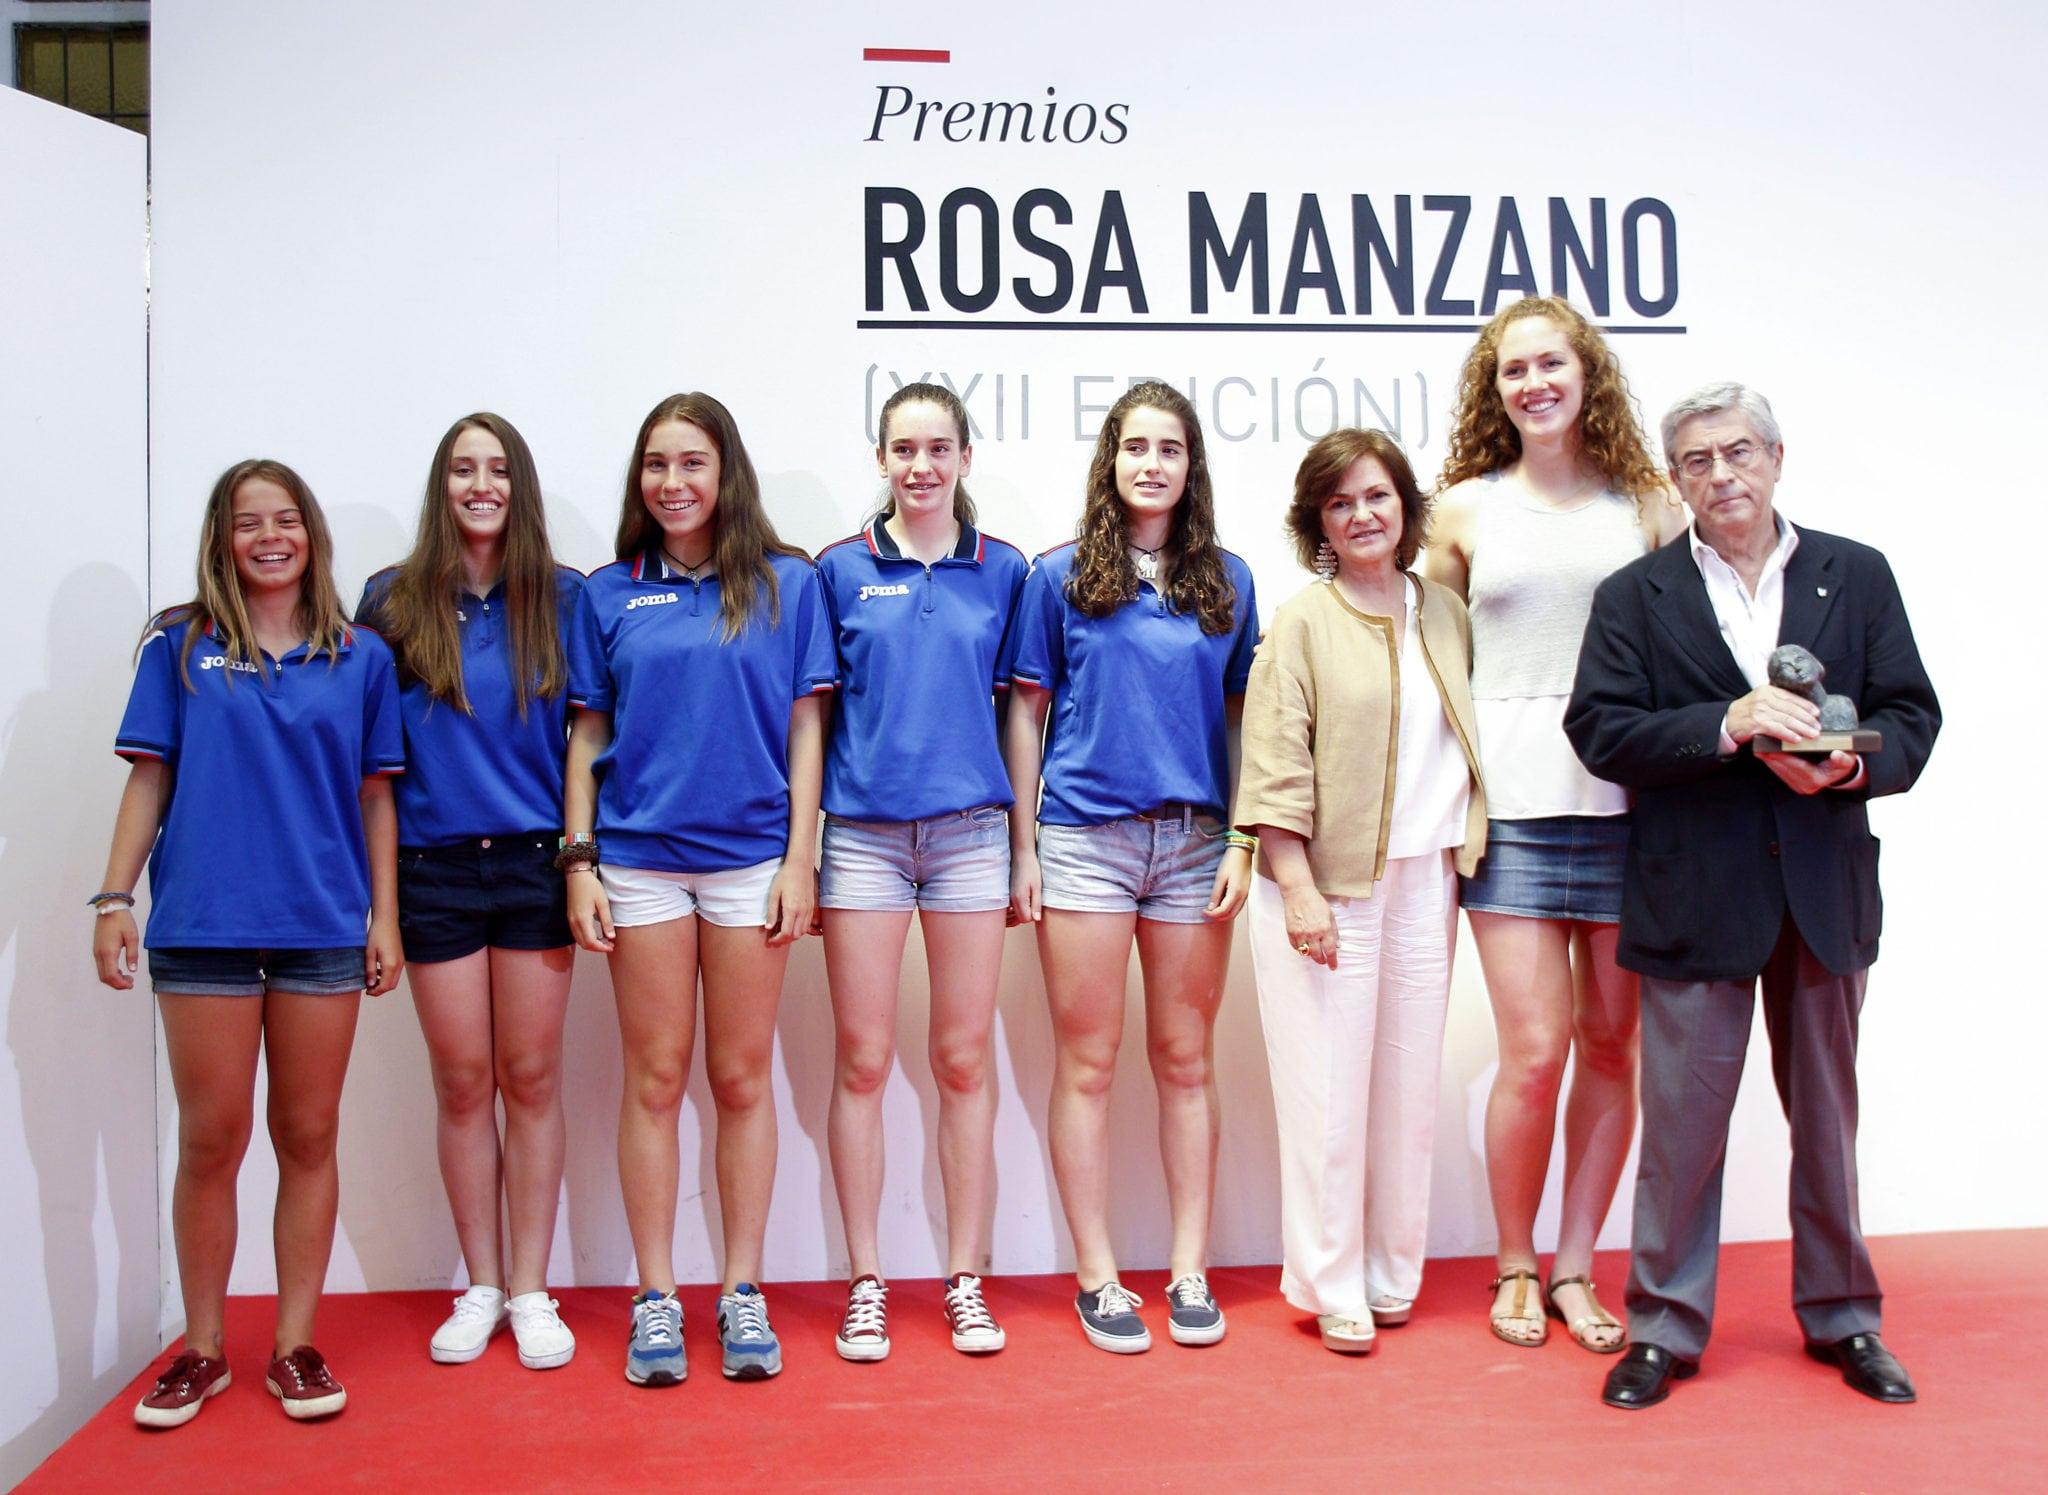 La cantera femenina de Movistar Estudiantes, reconocida en los Premios Rosa Manzano de igualdad junto a las selecciones de baloncesto y fútbol y el Levante UD